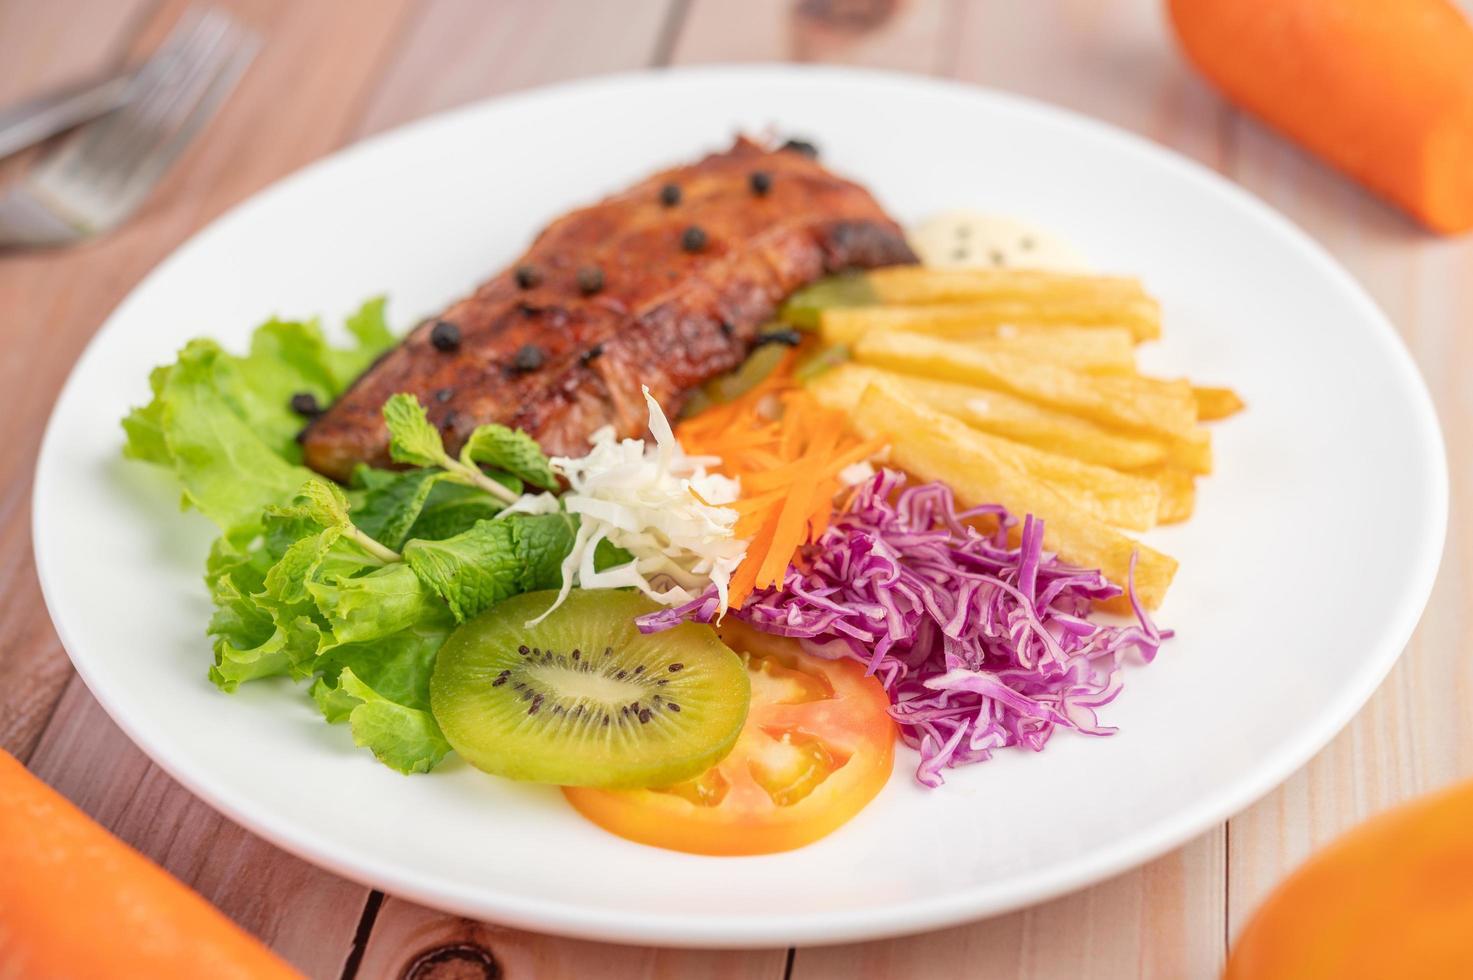 filete de pescado con patatas fritas y ensalada foto